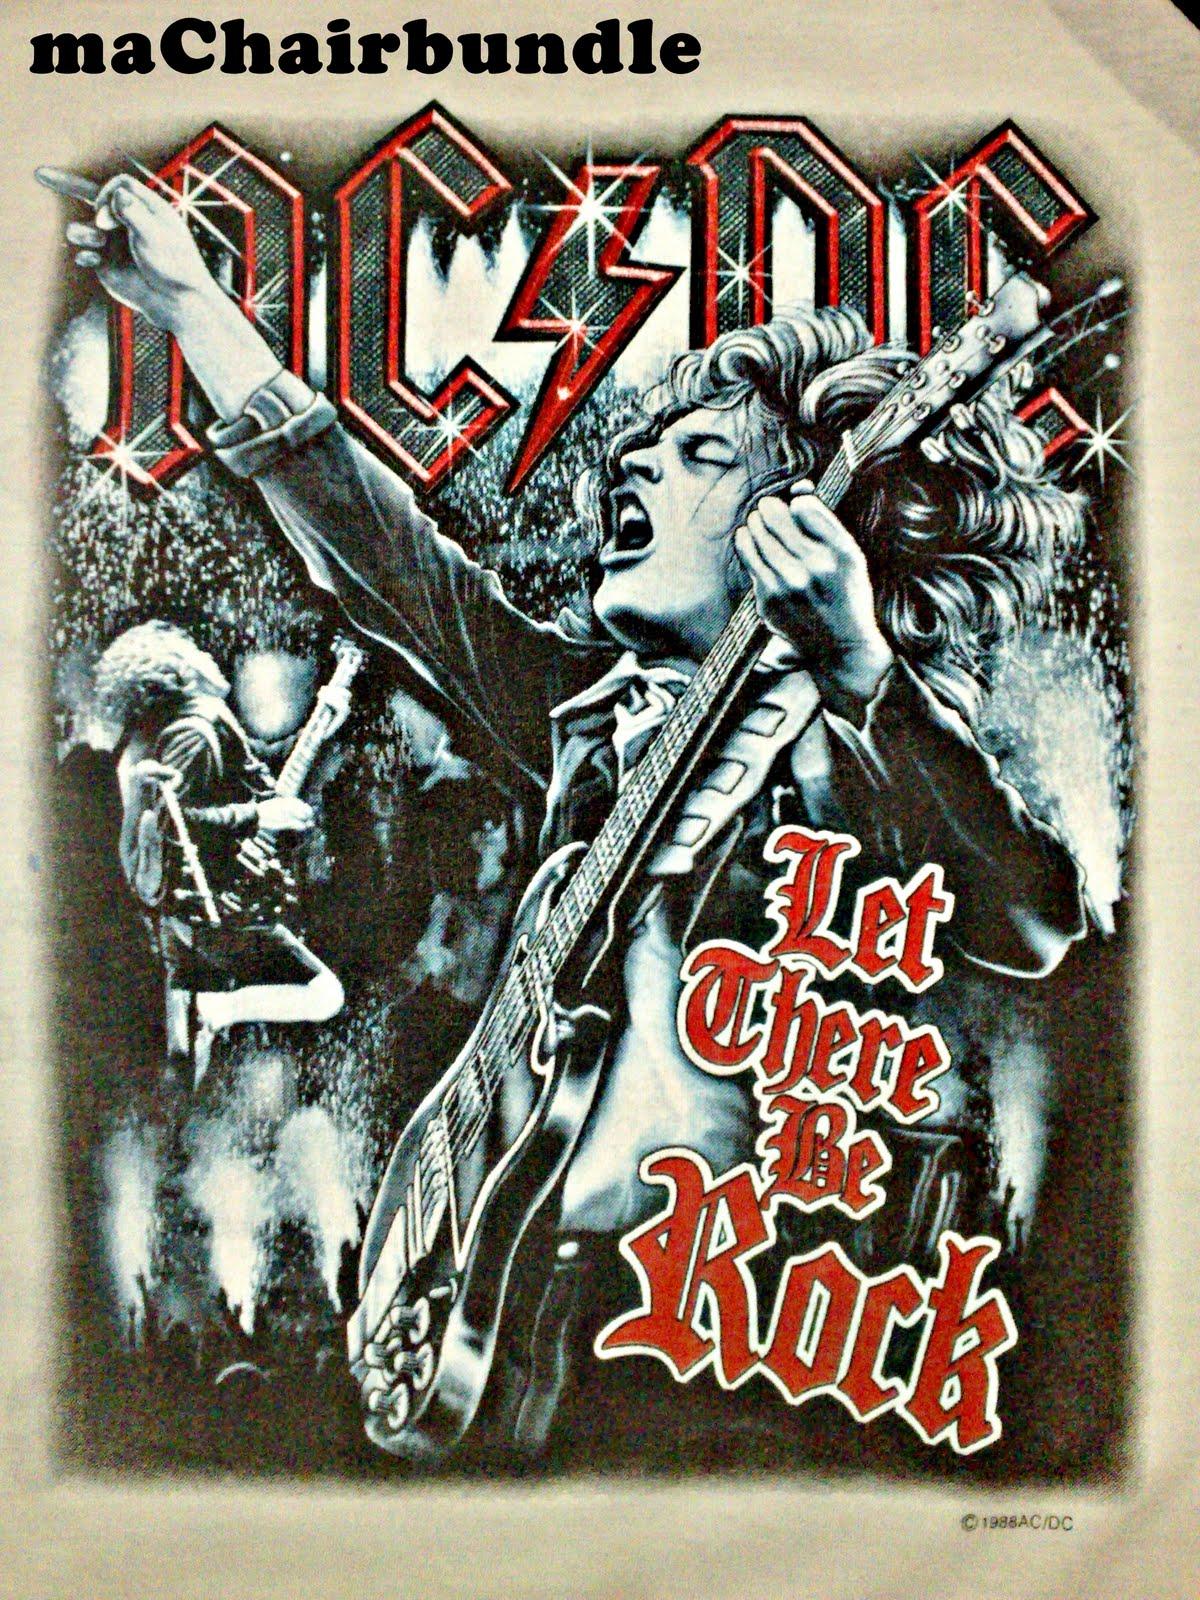 maChairbundle: Vintage 3 Quarter AC/DC World Tour 1988 - RM230 ...